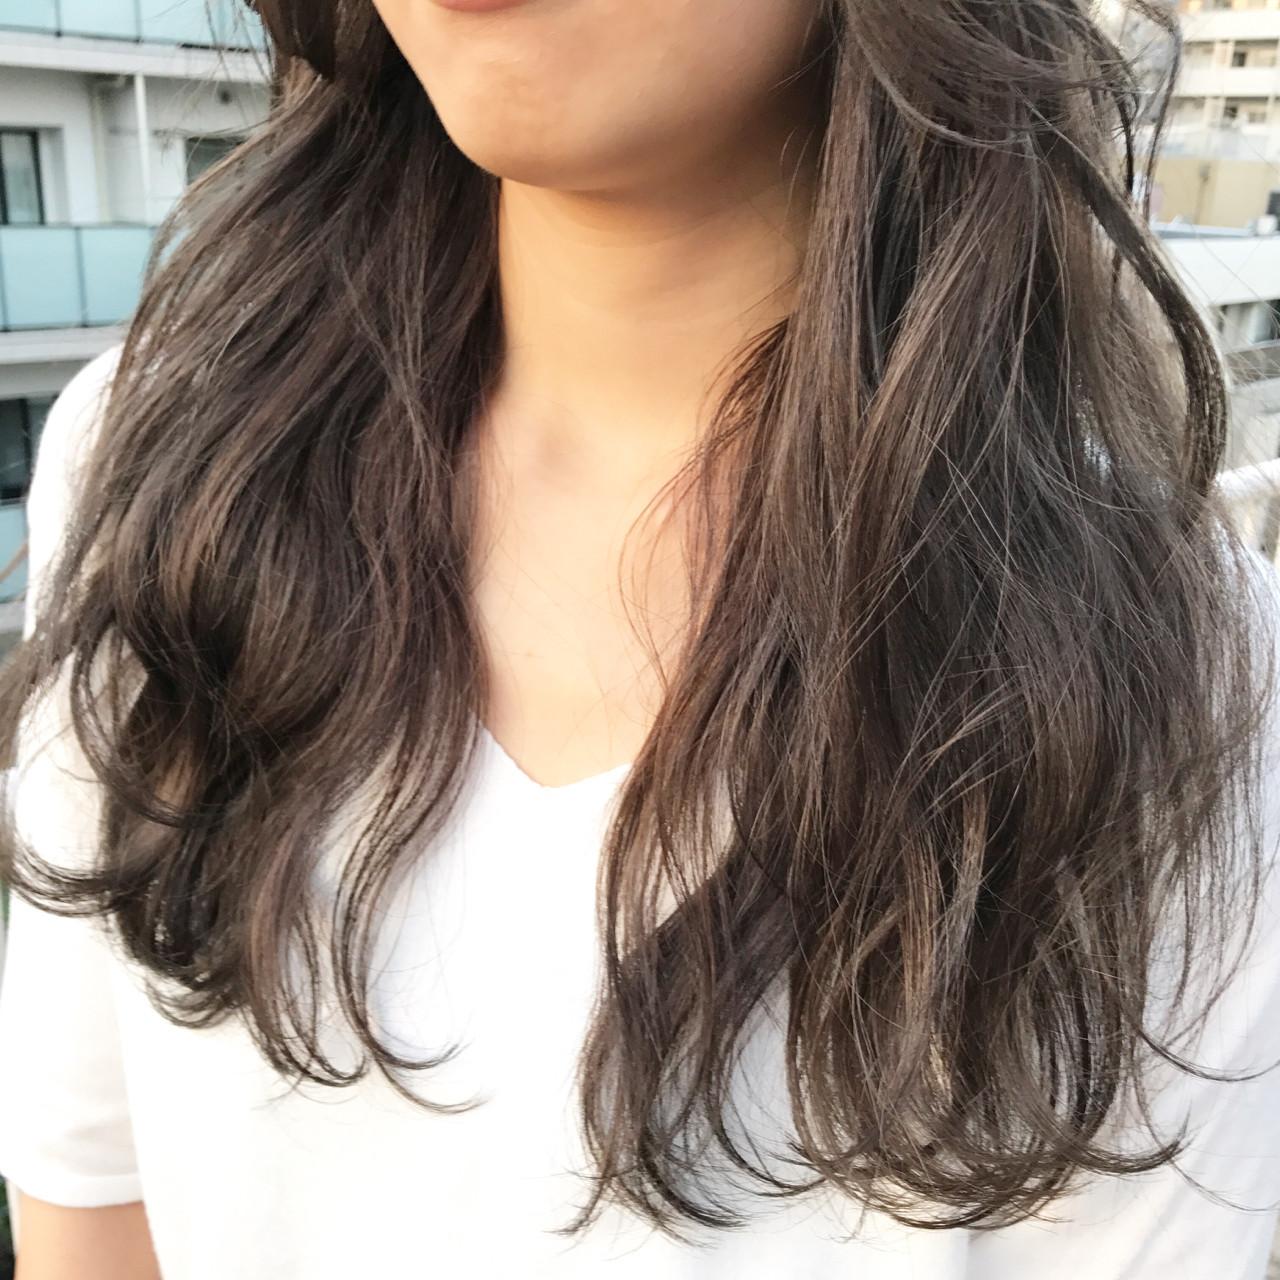 グレーアッシュ アッシュグレージュ アッシュベージュ ロング ヘアスタイルや髪型の写真・画像